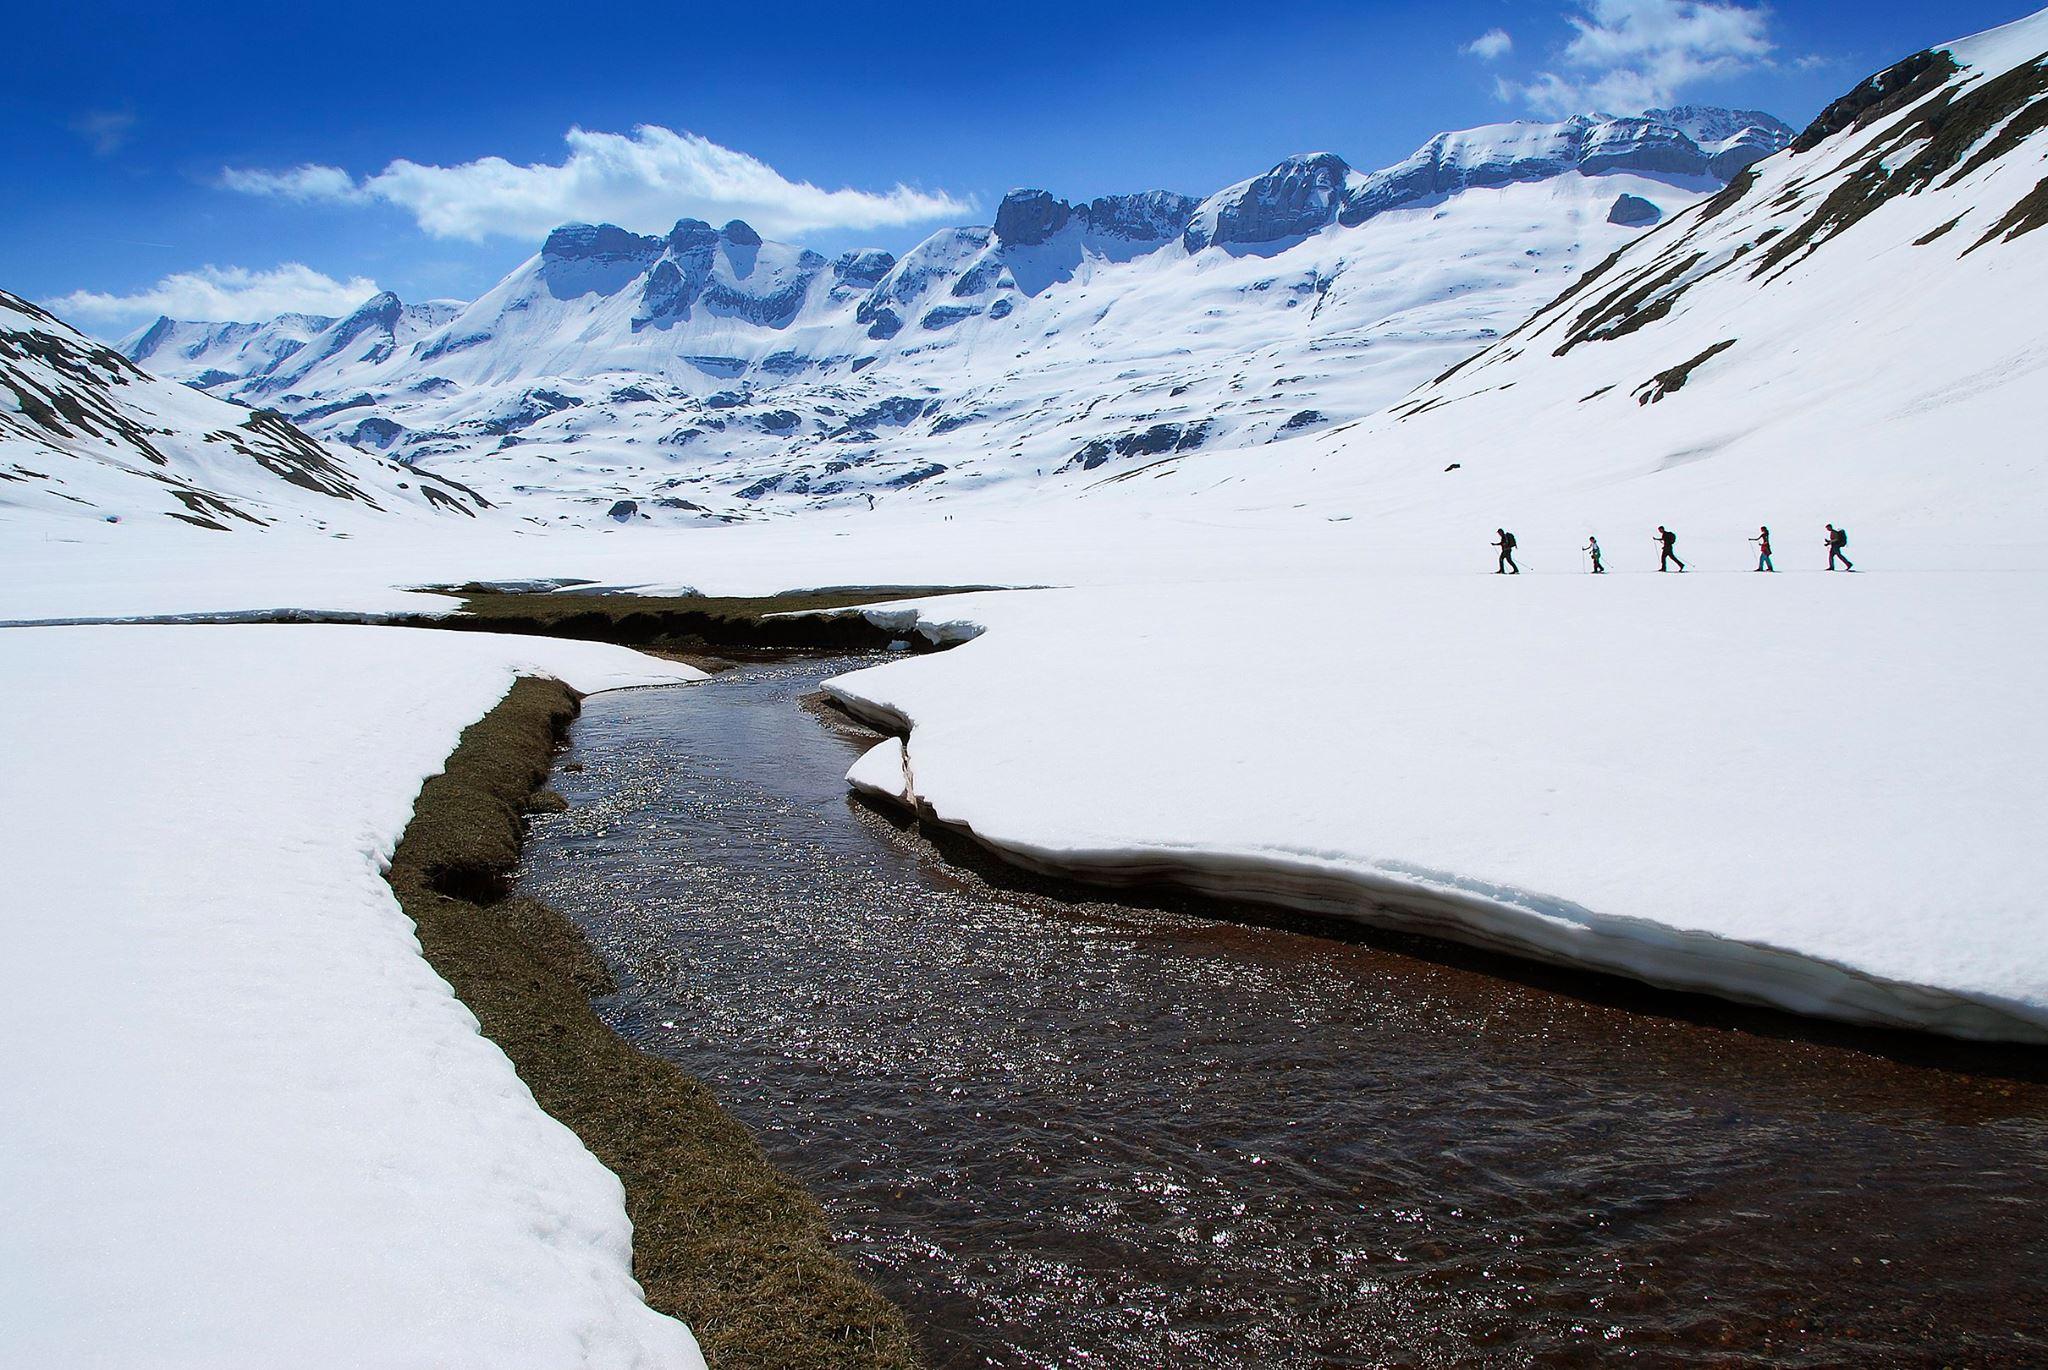 ❄️ 8 Espacios Nórdicos para disfrutar de los deportes de nieve con panorámicas inolvidables